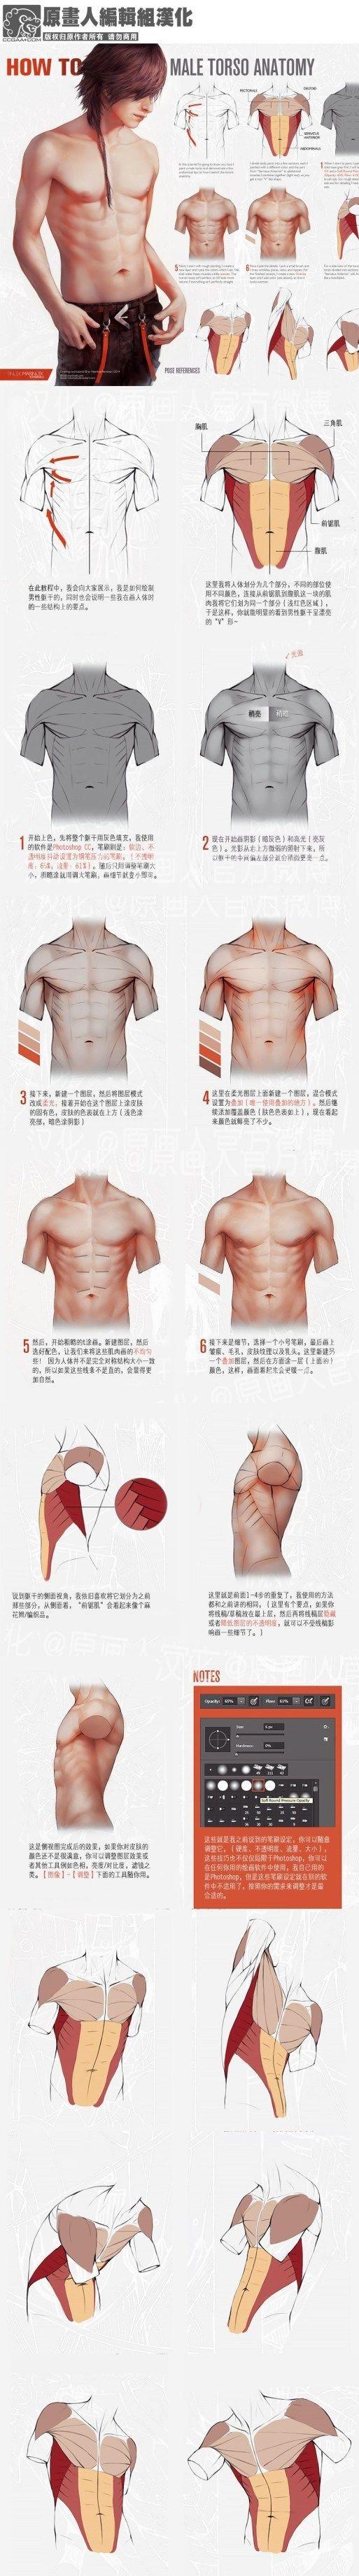 Imagens com referências do corpo humano: fotos, esquemas de construção, detalhamentos do corpo, ângulos e iluminações,